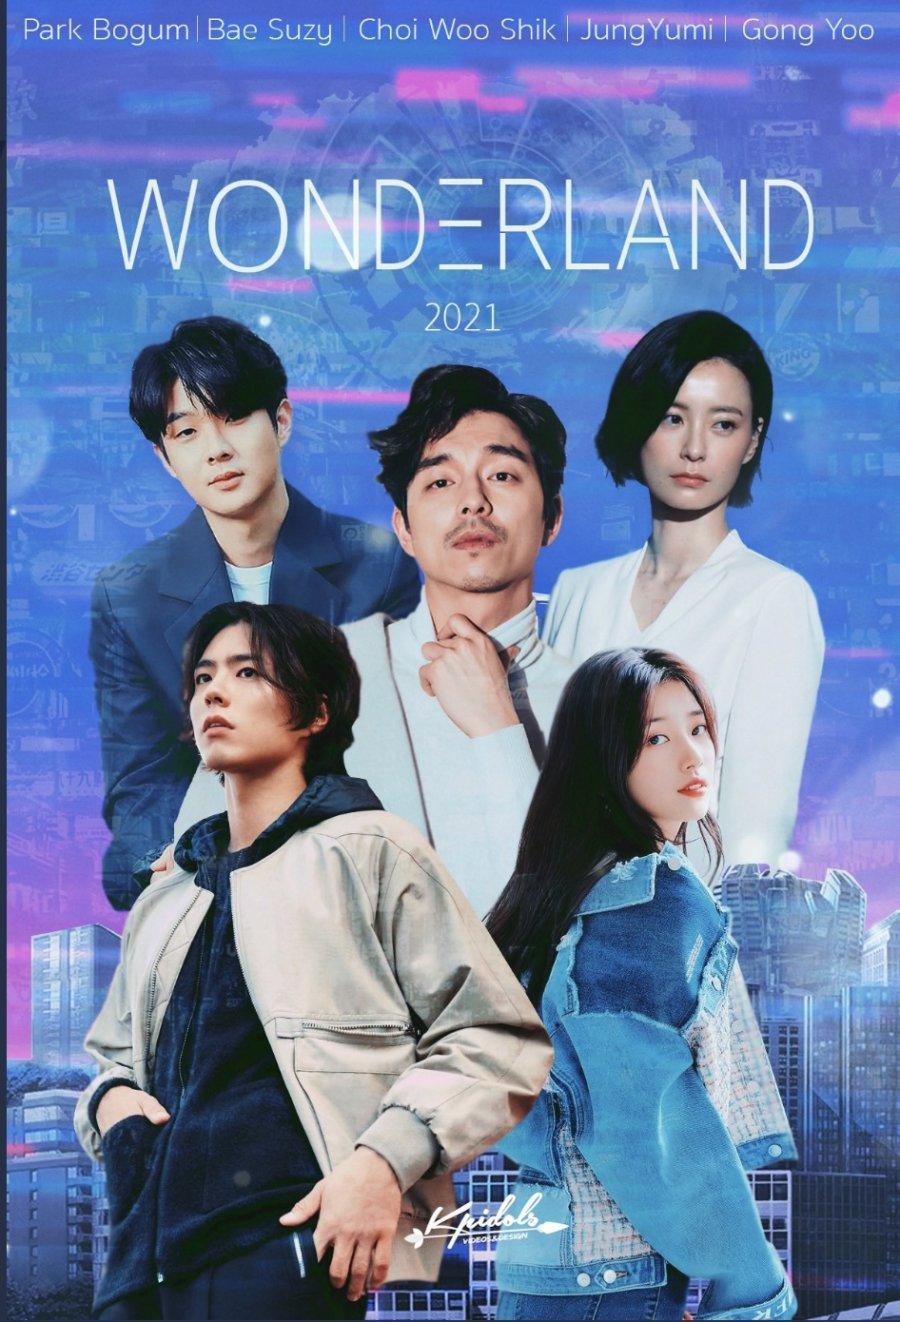 Wonderland Film 2021